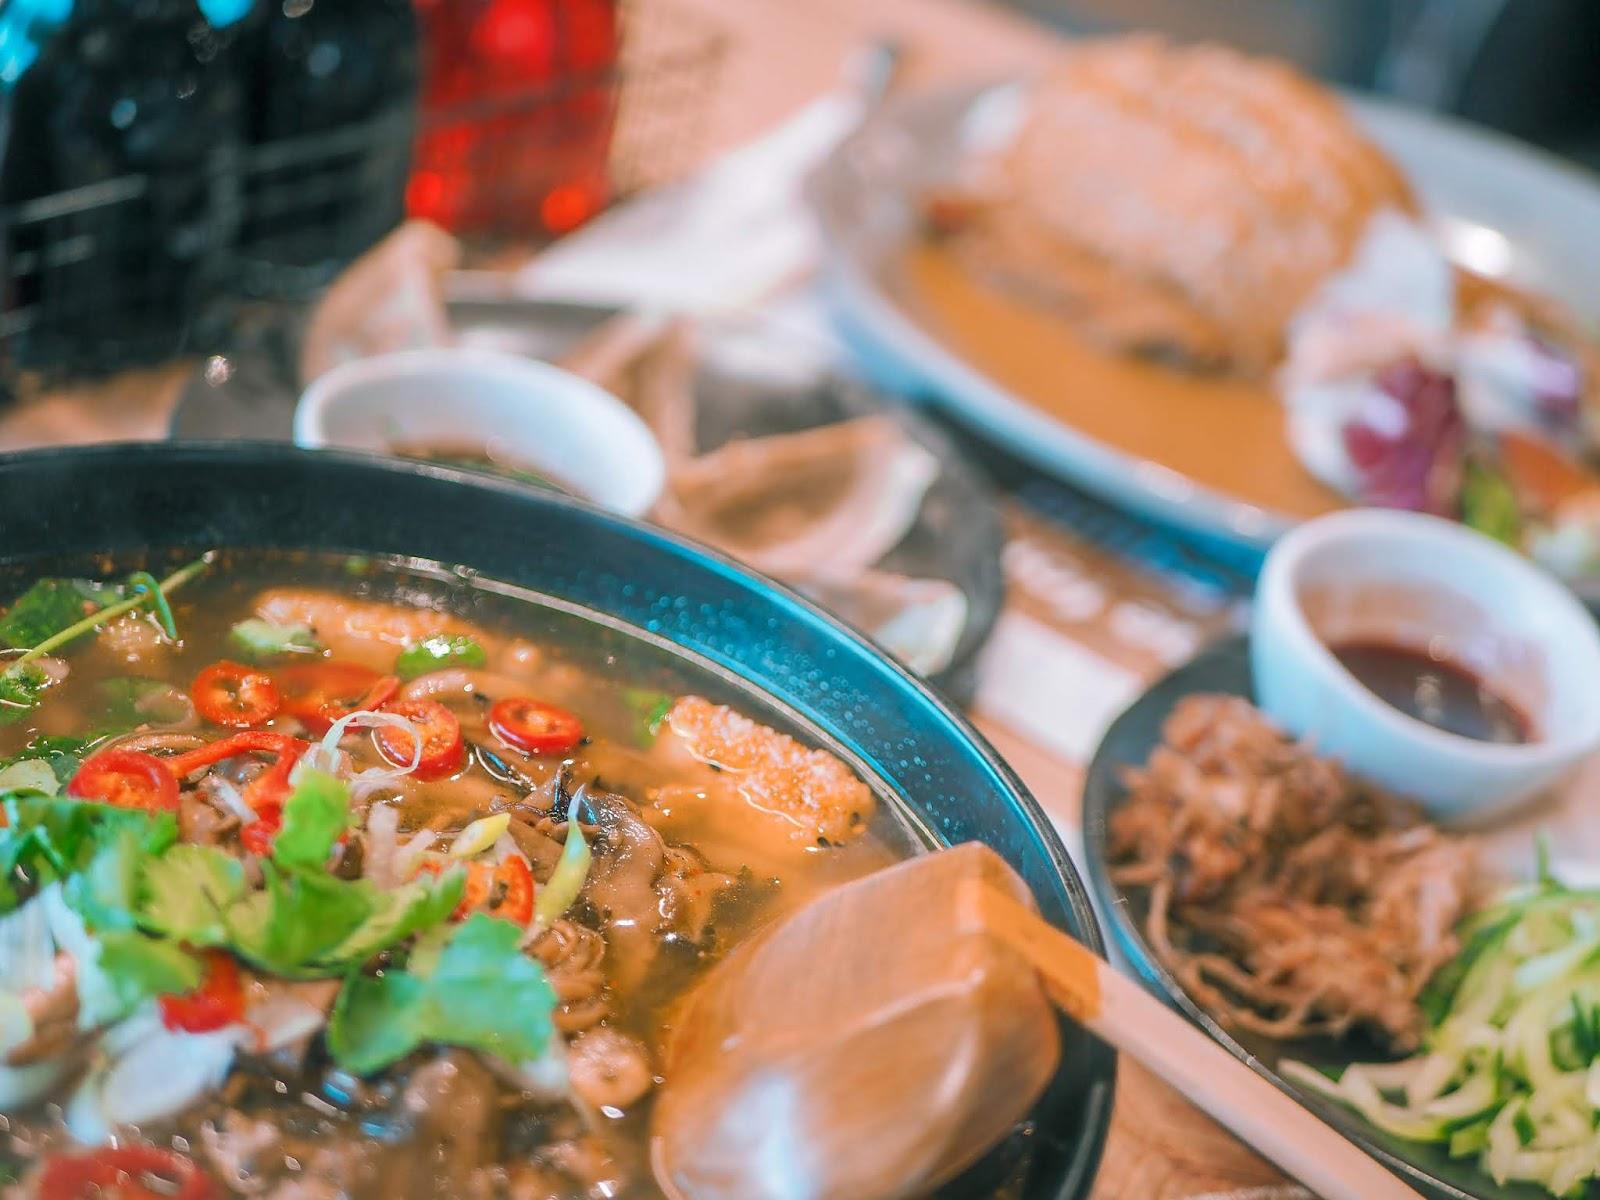 2018-eating-less-meat-vegan-menu-wagamama-leeds-uk-img6